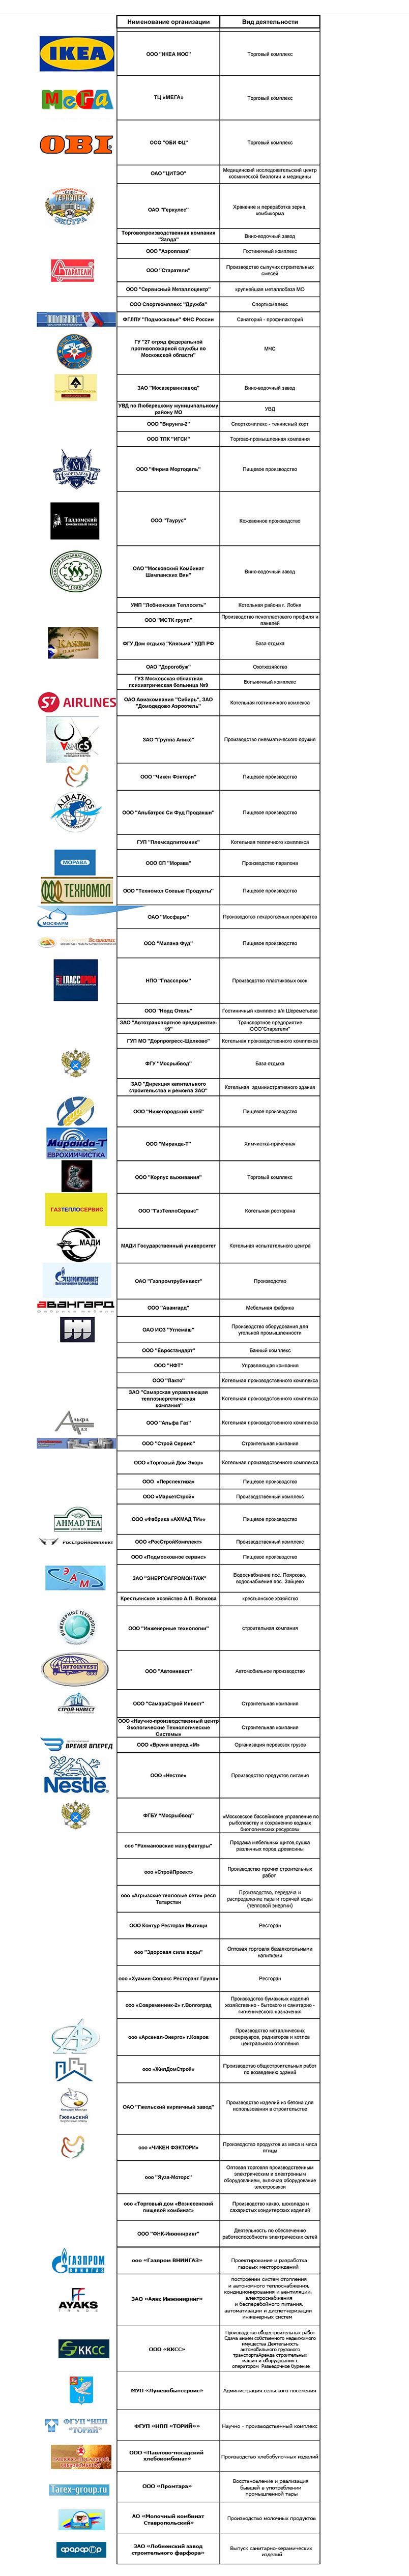 Таблица организаций 2016